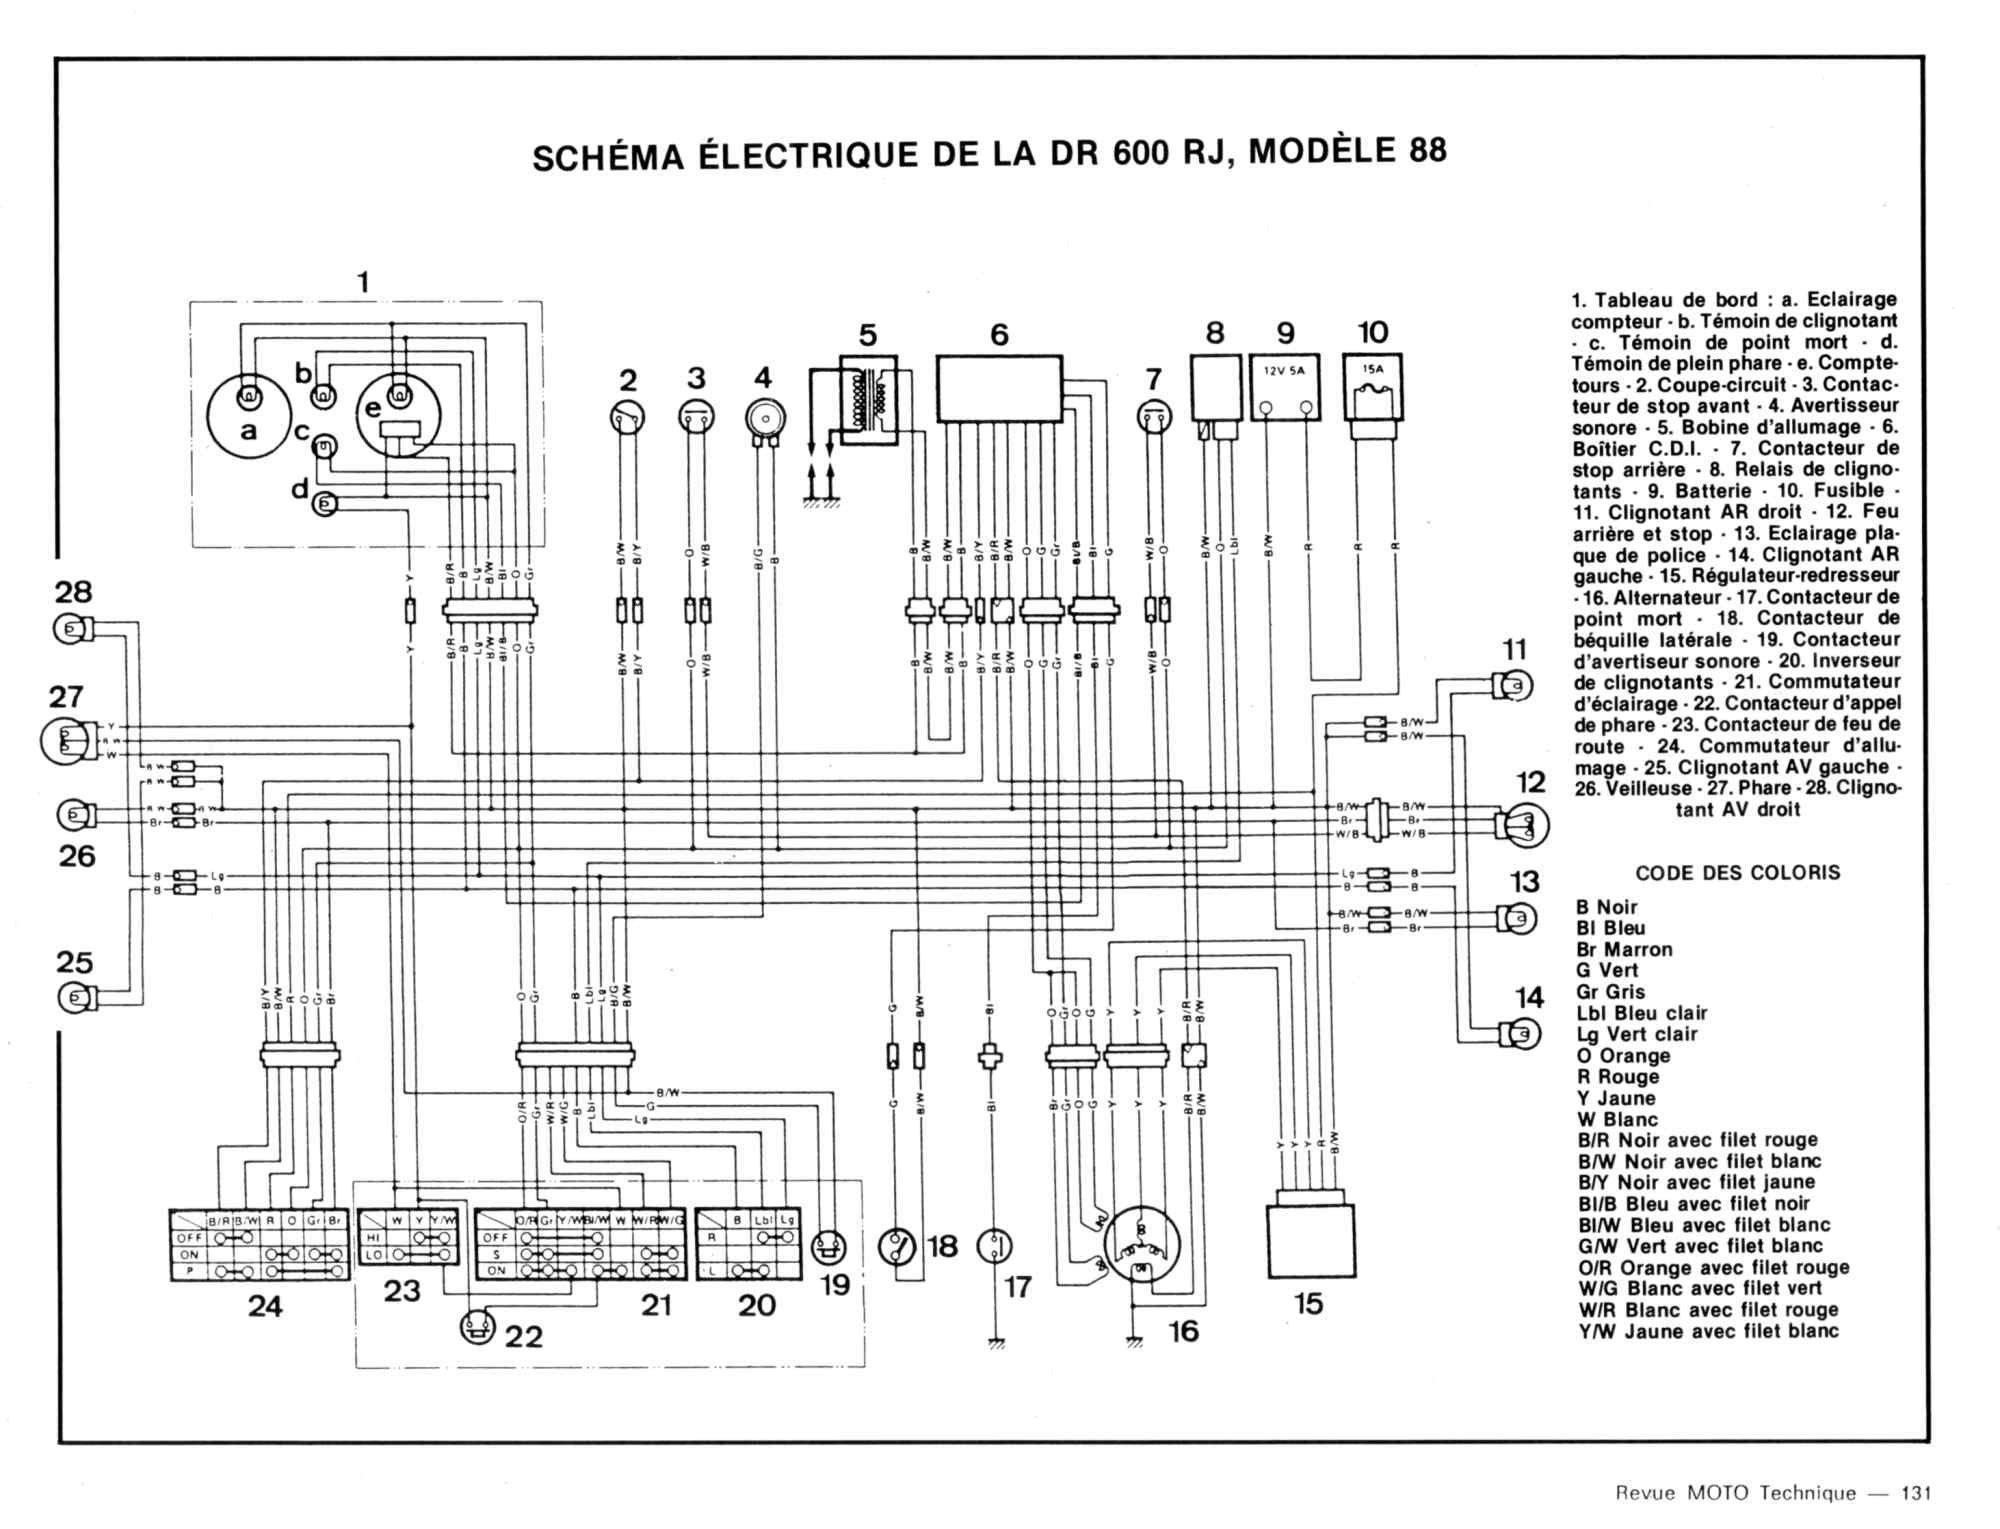 Schema electrique it